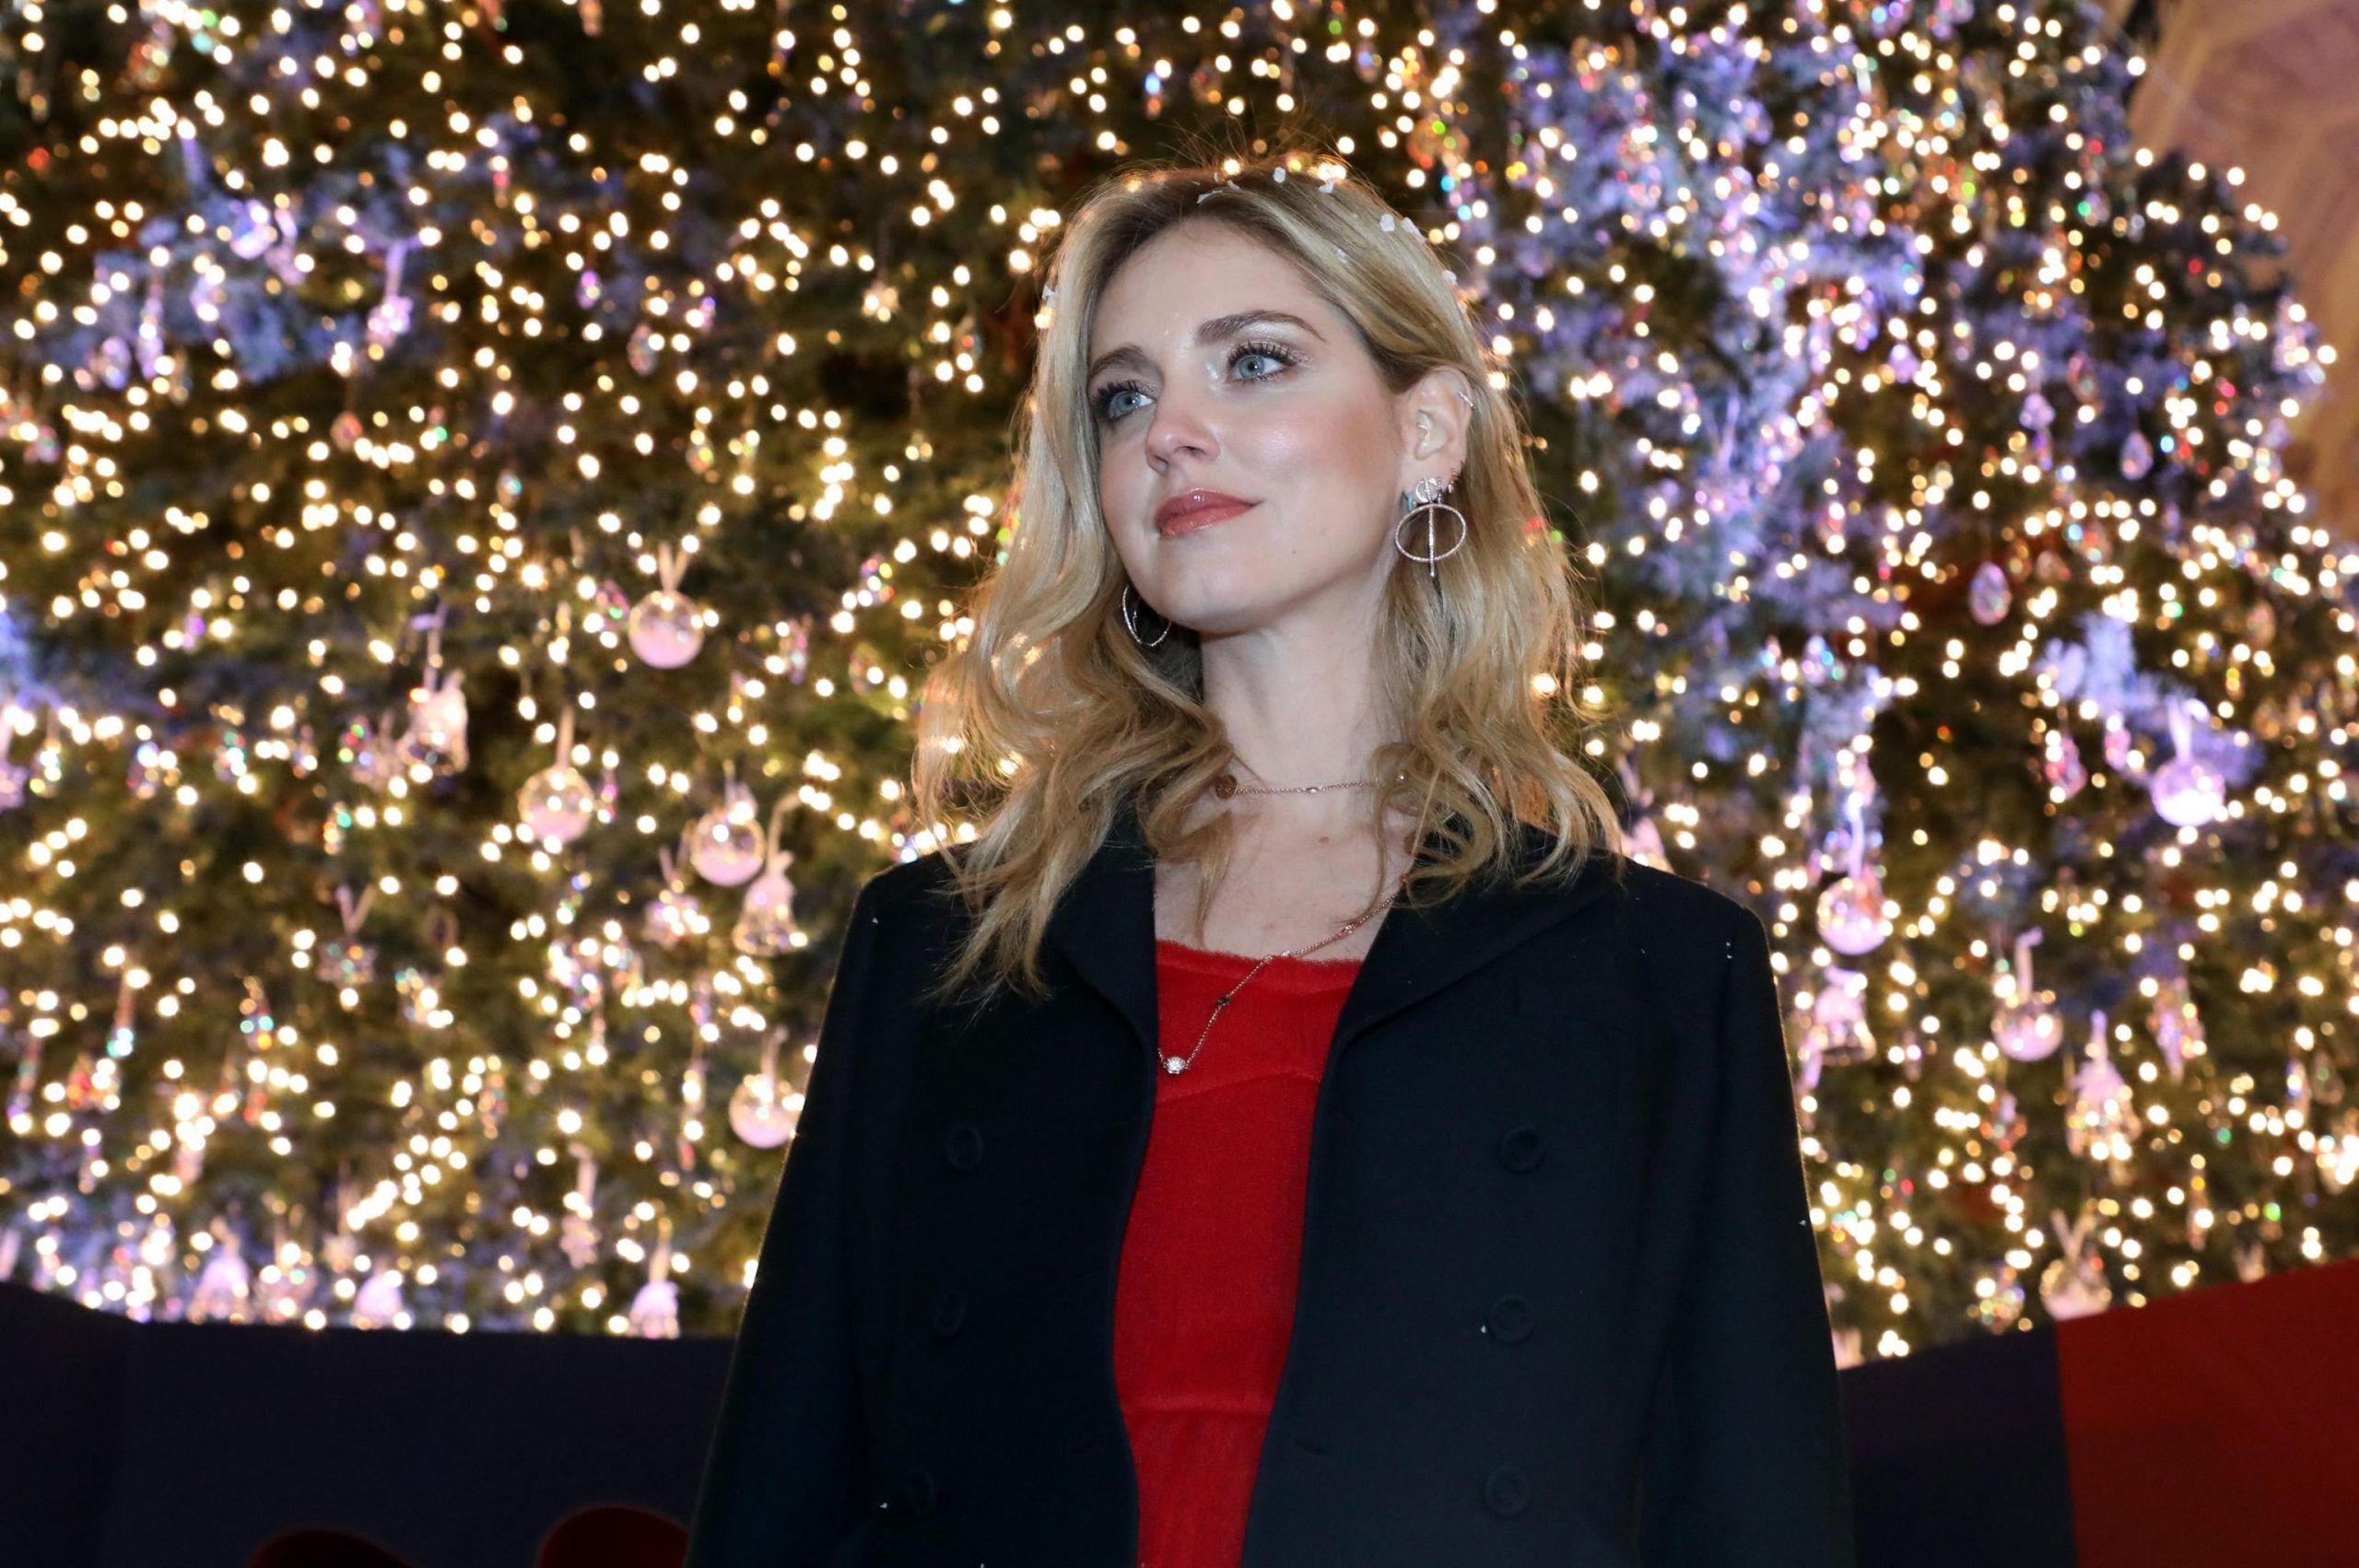 Chiara Ferragni co-conduttrice del Festival di Sanremo 2019?